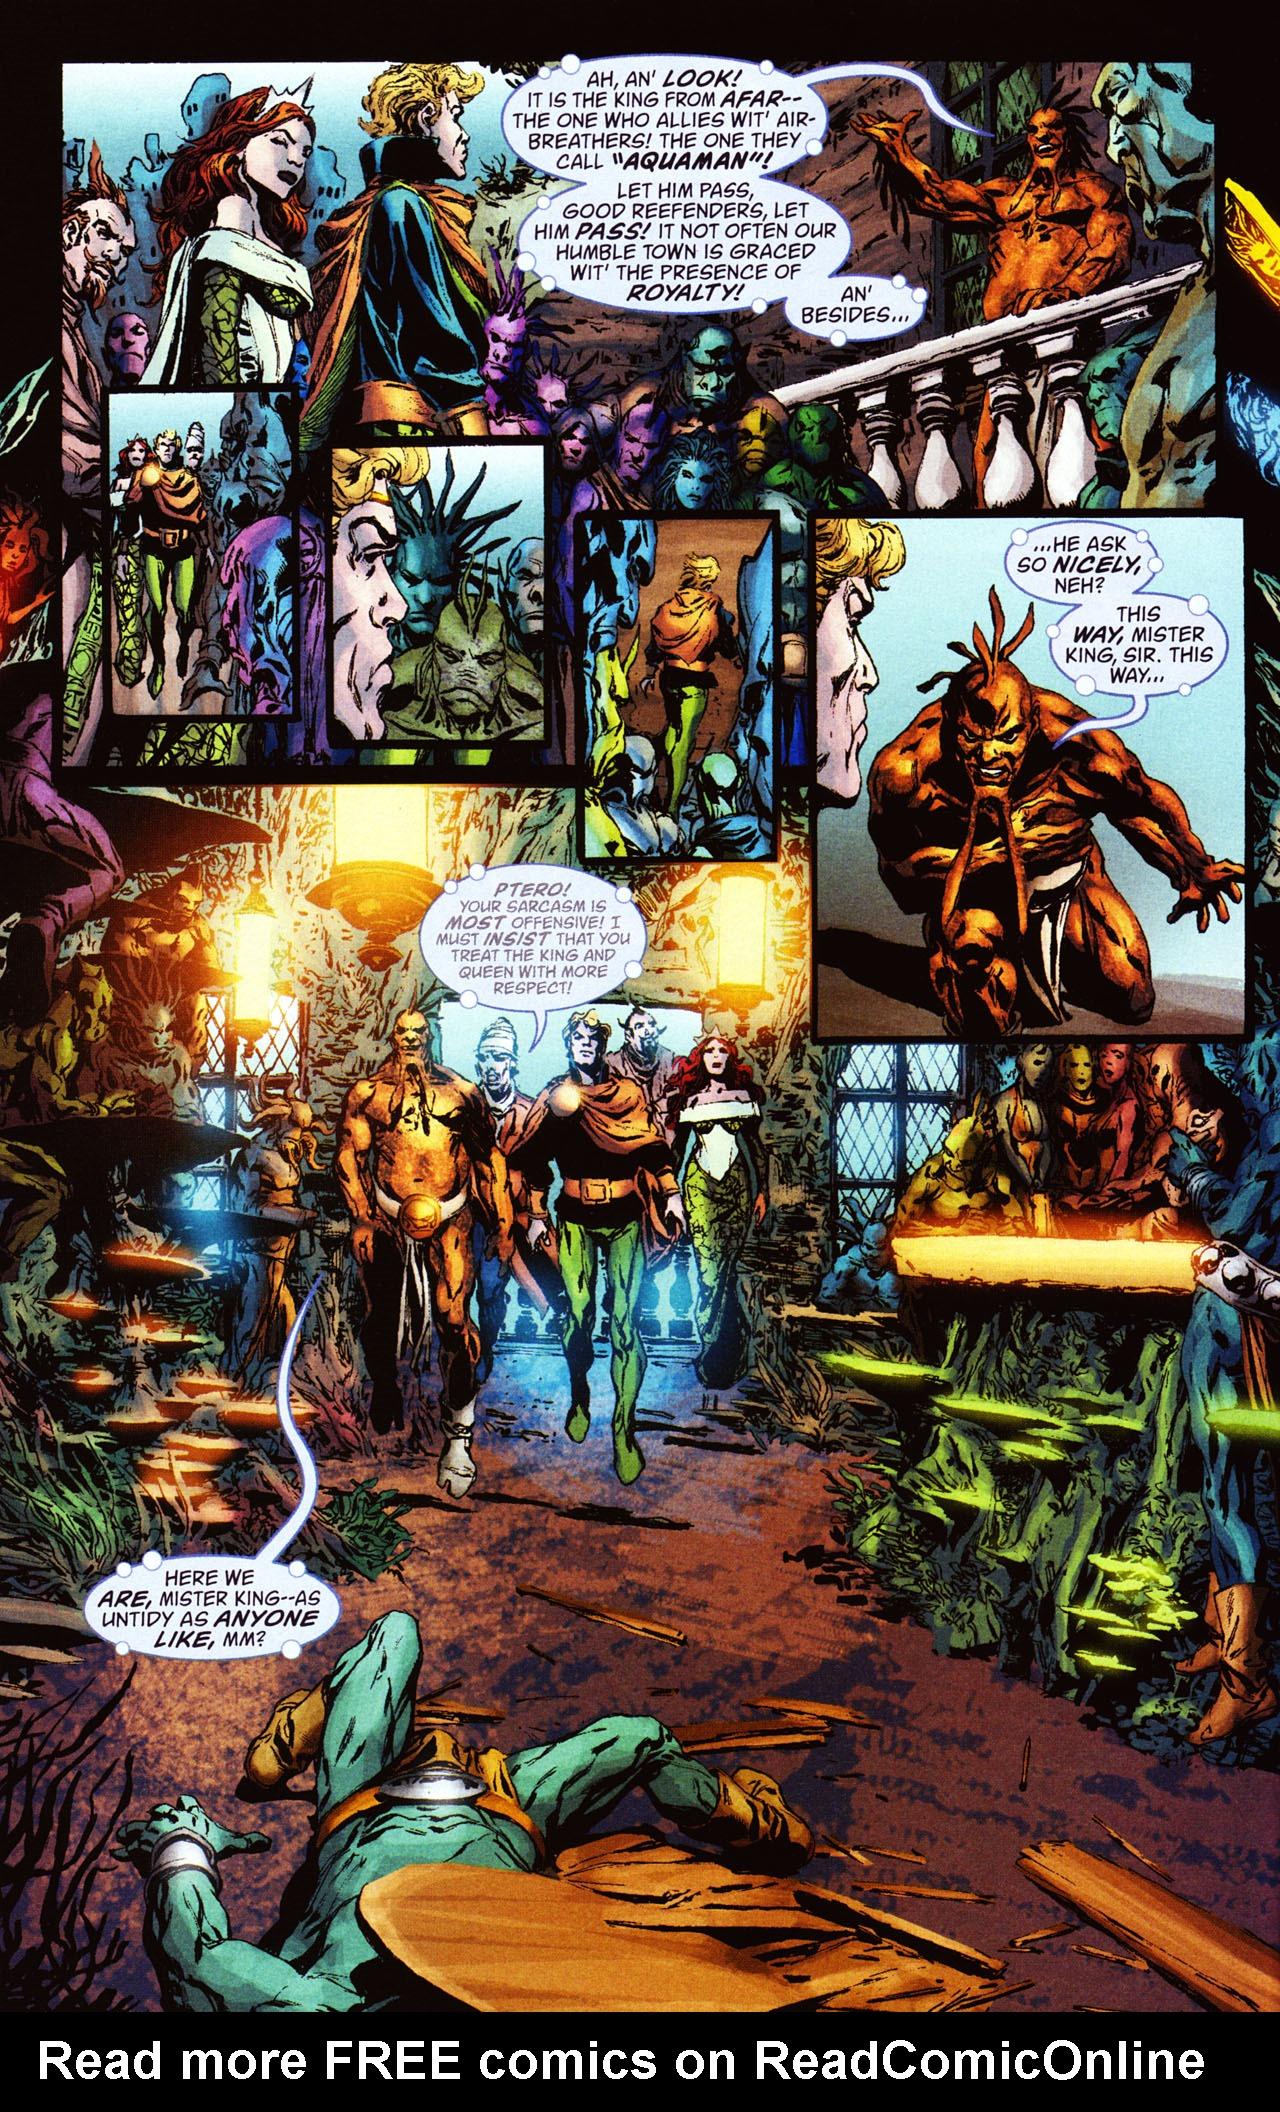 Read online Aquaman: Sword of Atlantis comic -  Issue #46 - 12